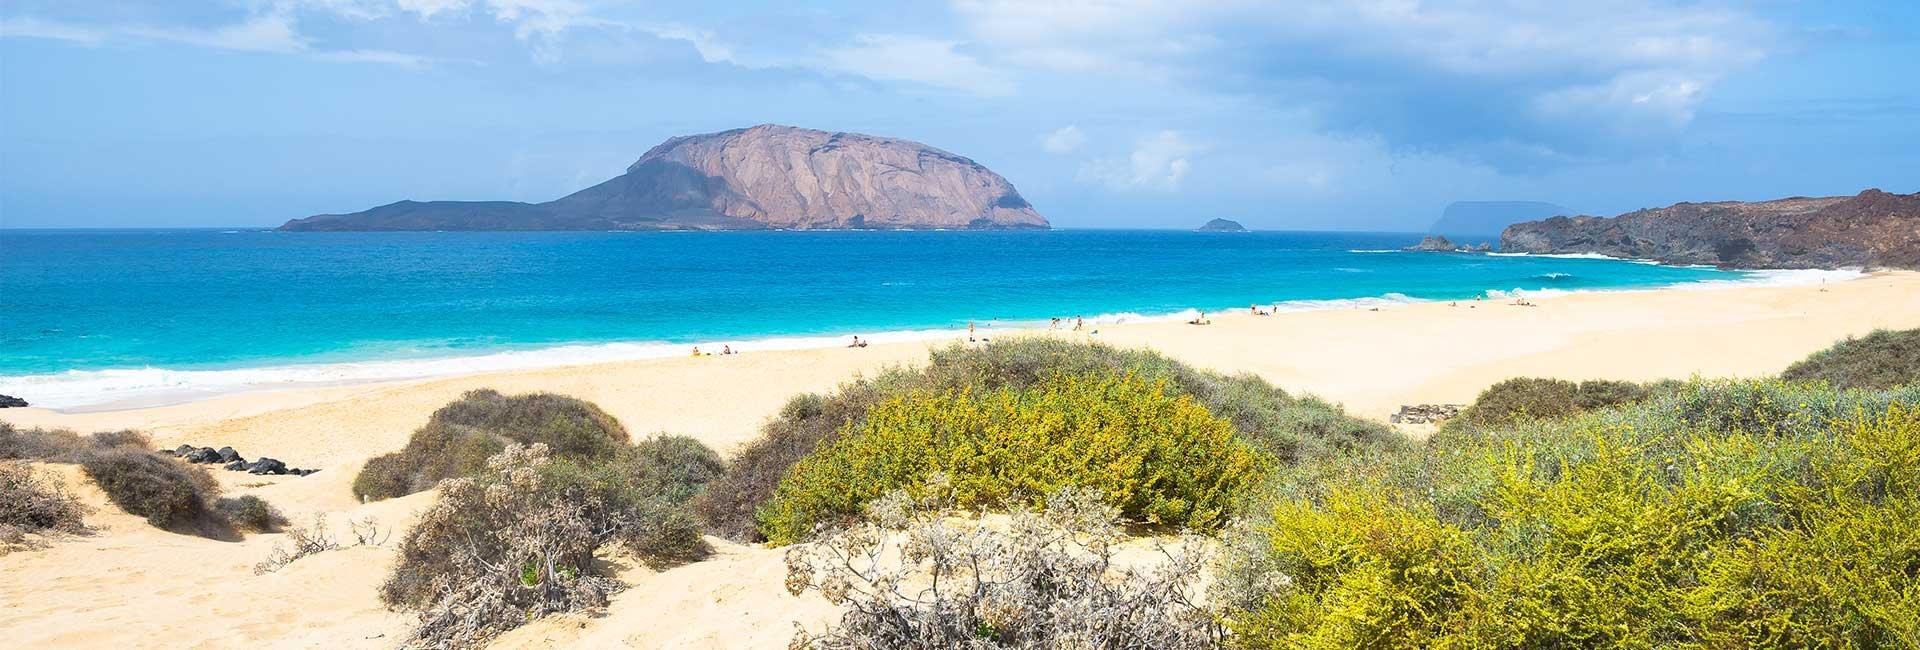 Shela Island